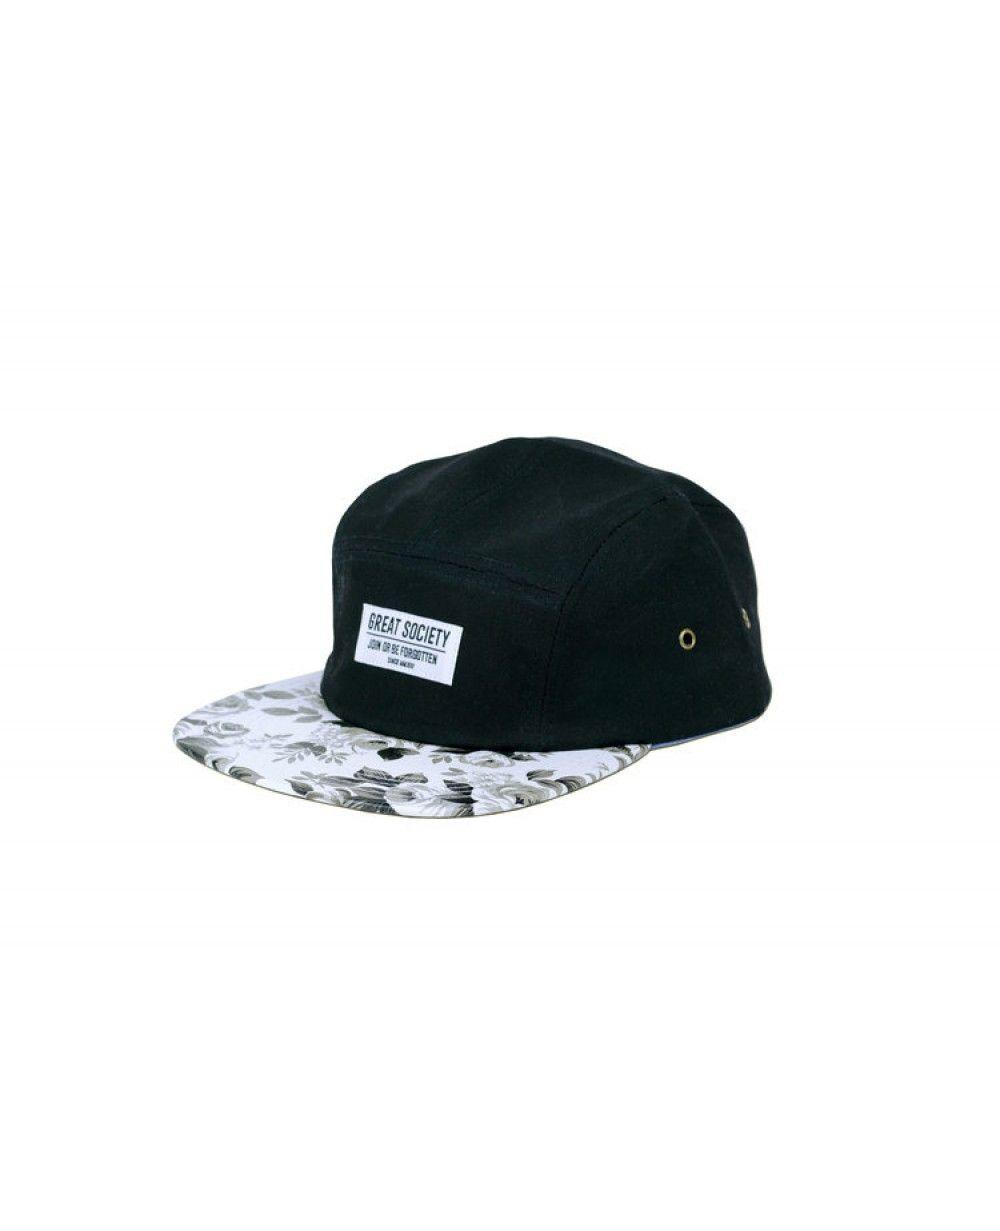 9a1334a9d29 The Minerva Dad Hats